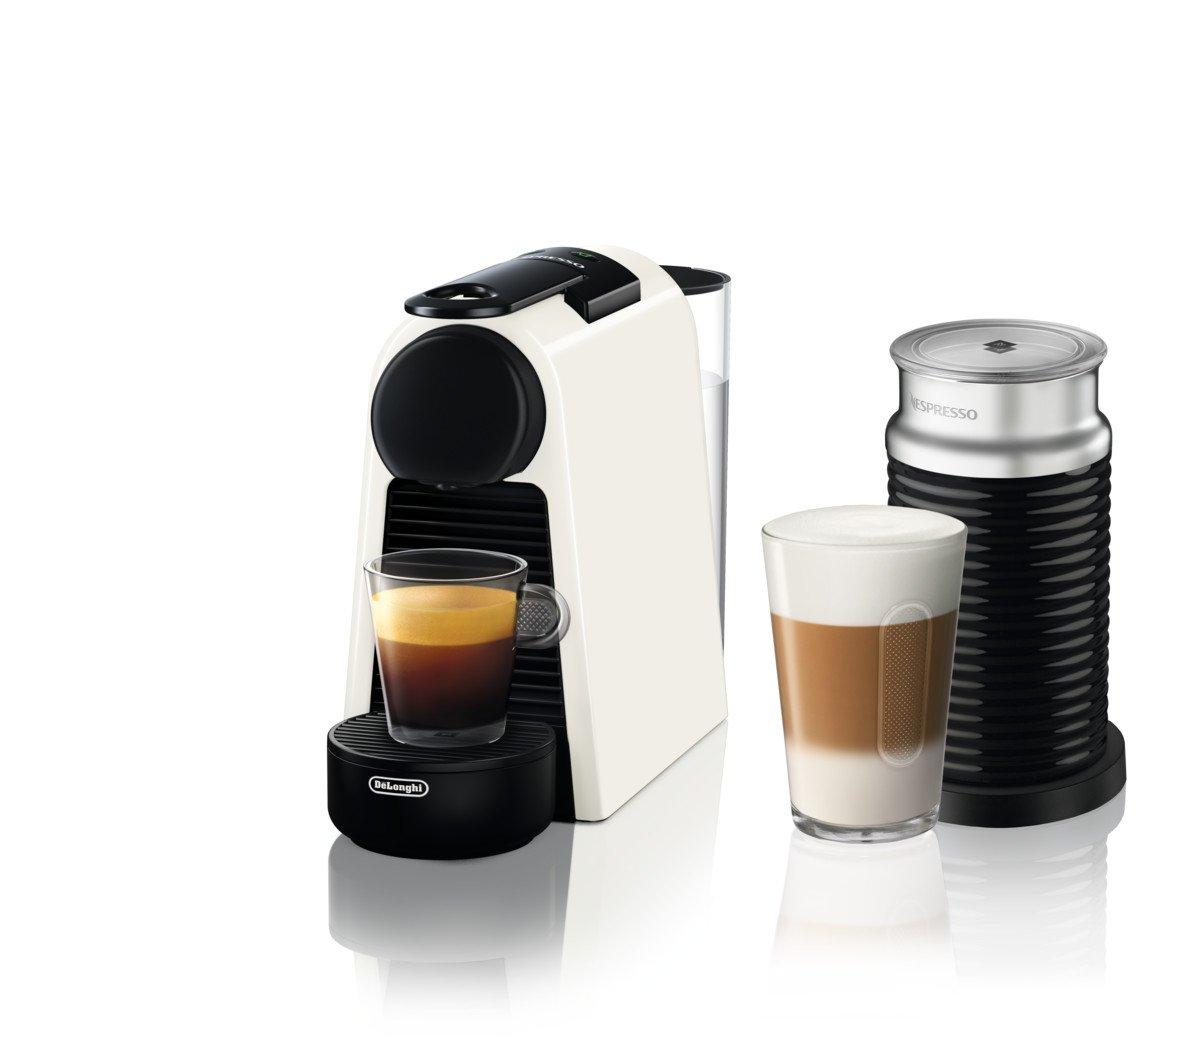 De Longhi Essenza Mini en 85.w Cafetera de cápsulas con diferentes Cápsulas Nespresso, 0.6 L, 1255 W, 19 bar, Pure Color Blanco: Amazon.es: Hogar